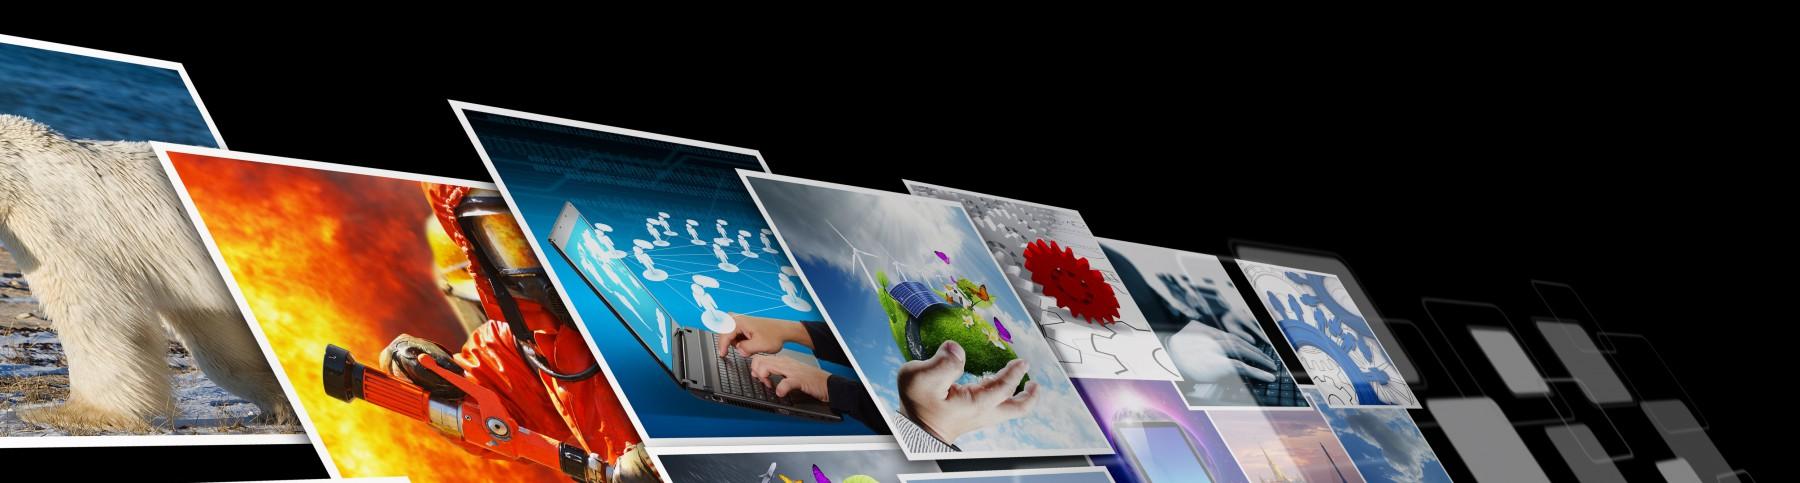 Digital learning landscapes